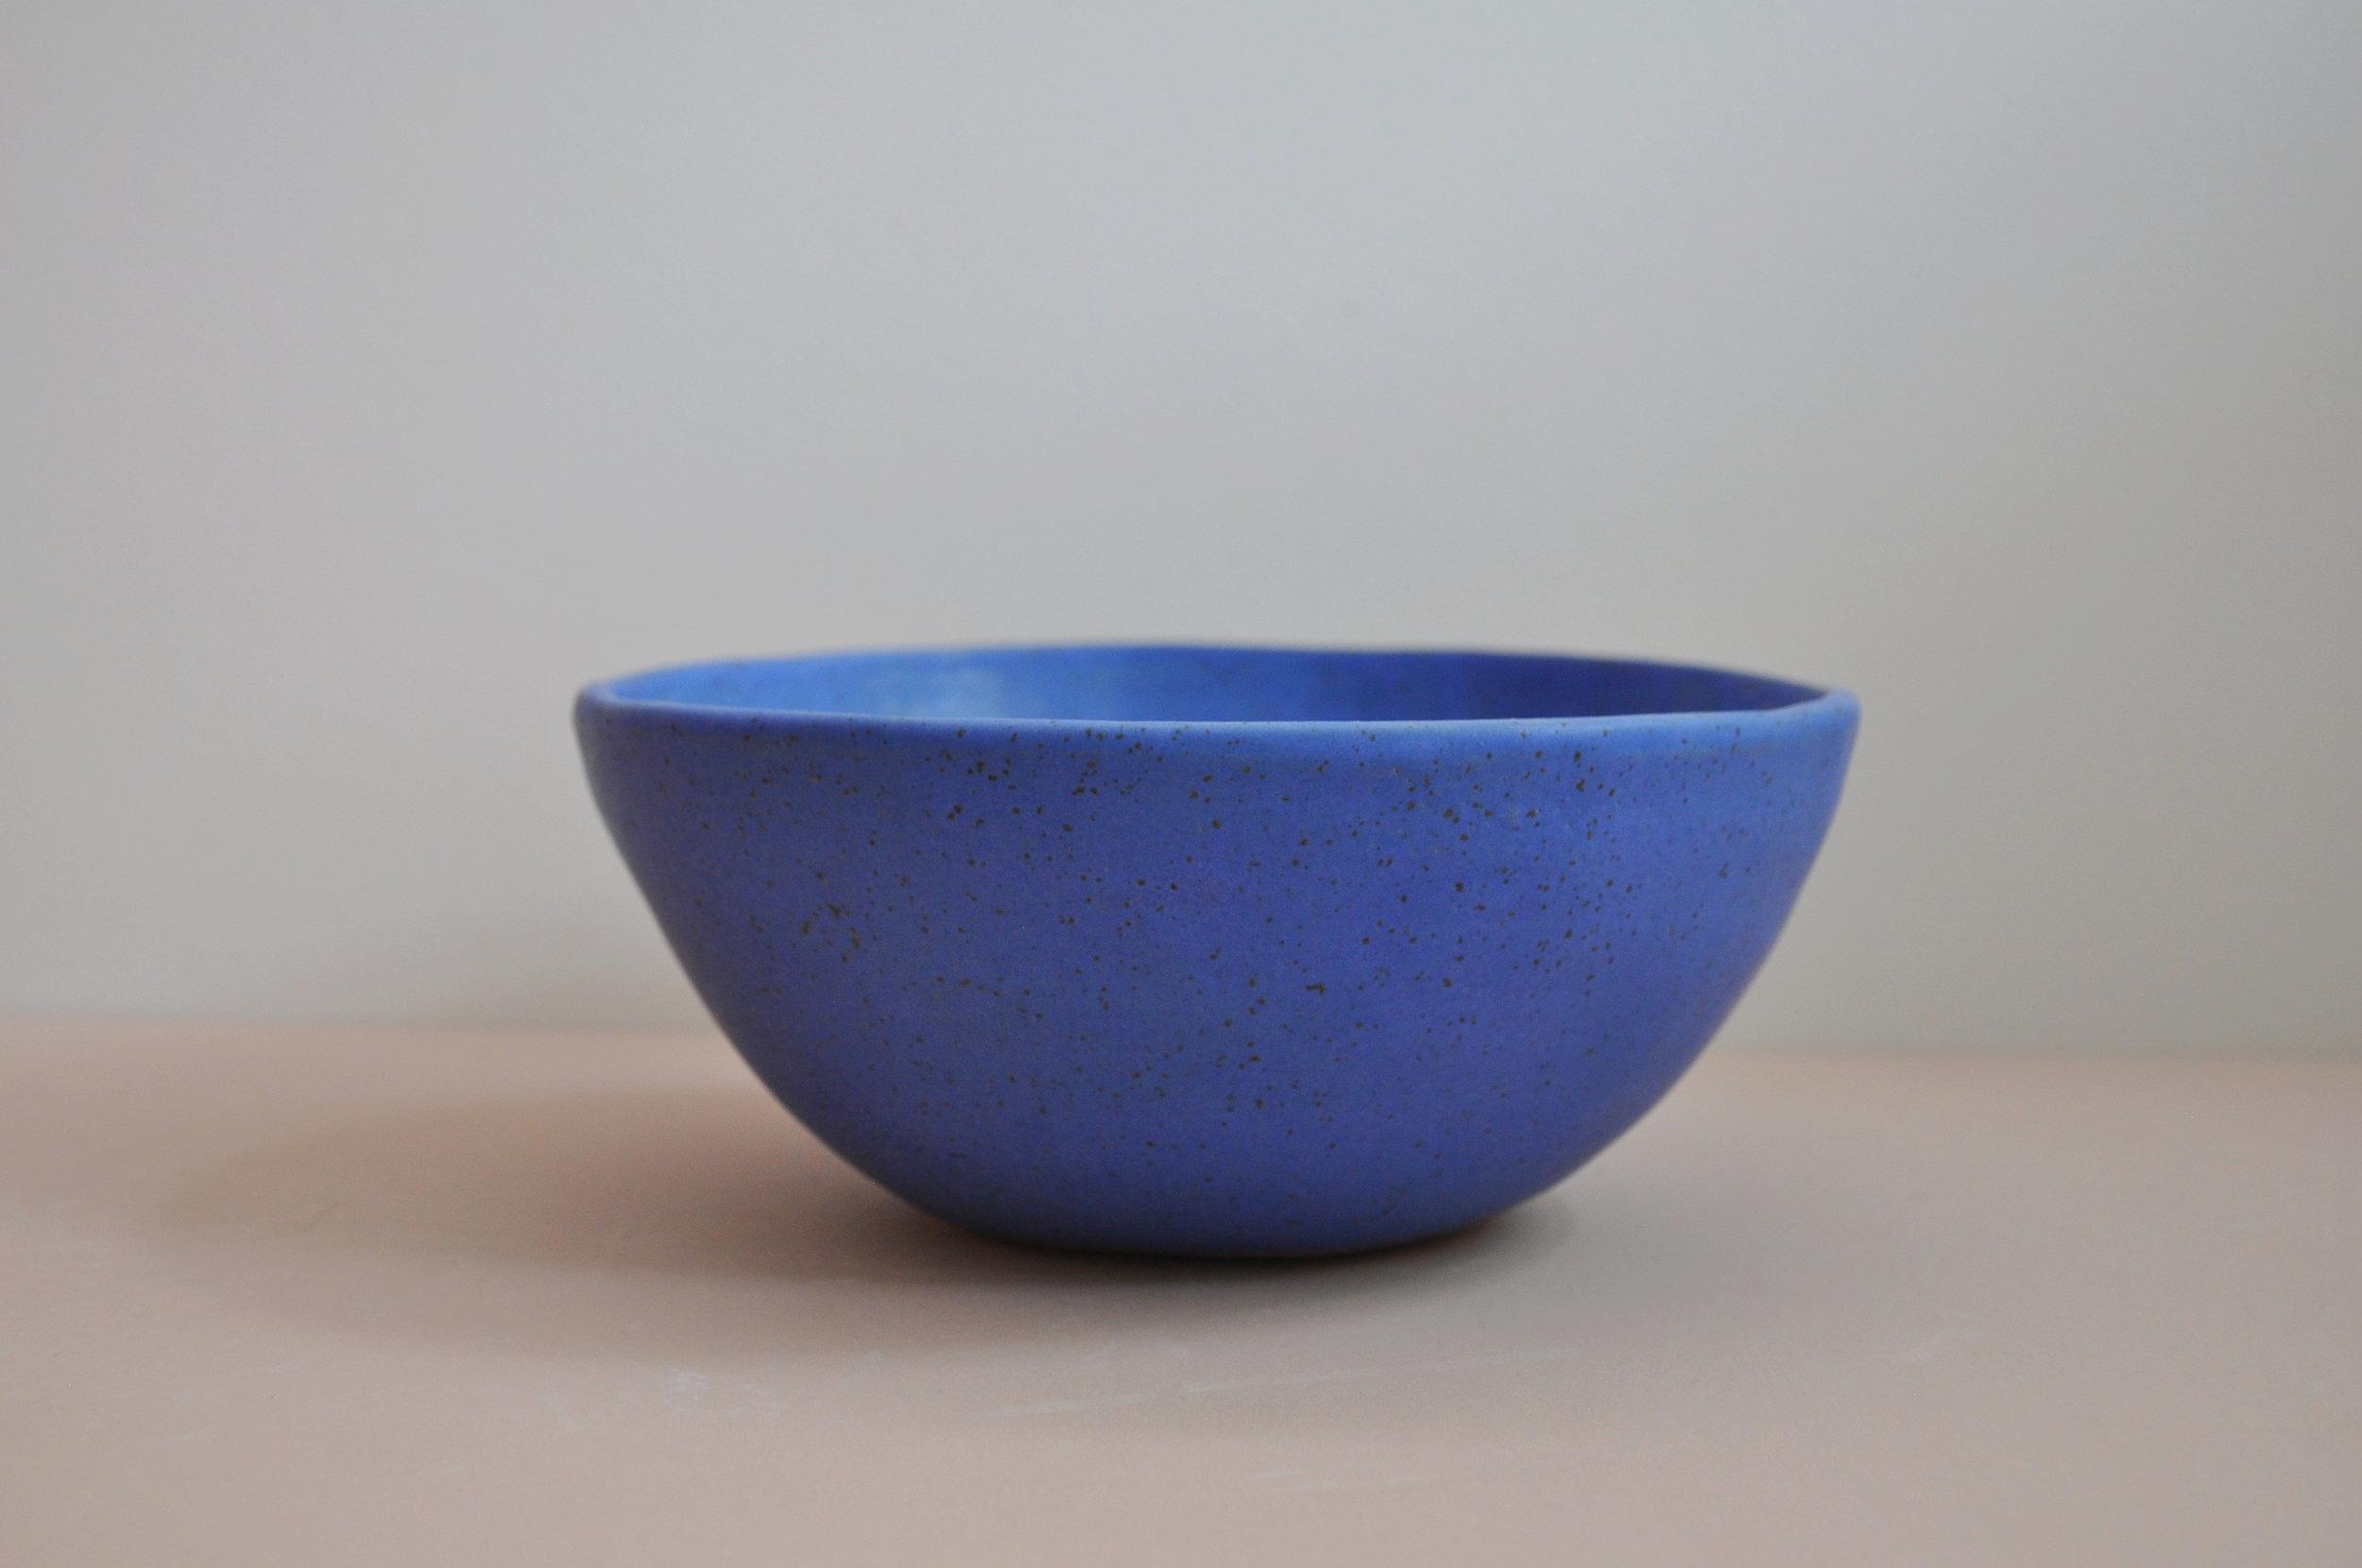 bluebowl1.JPG